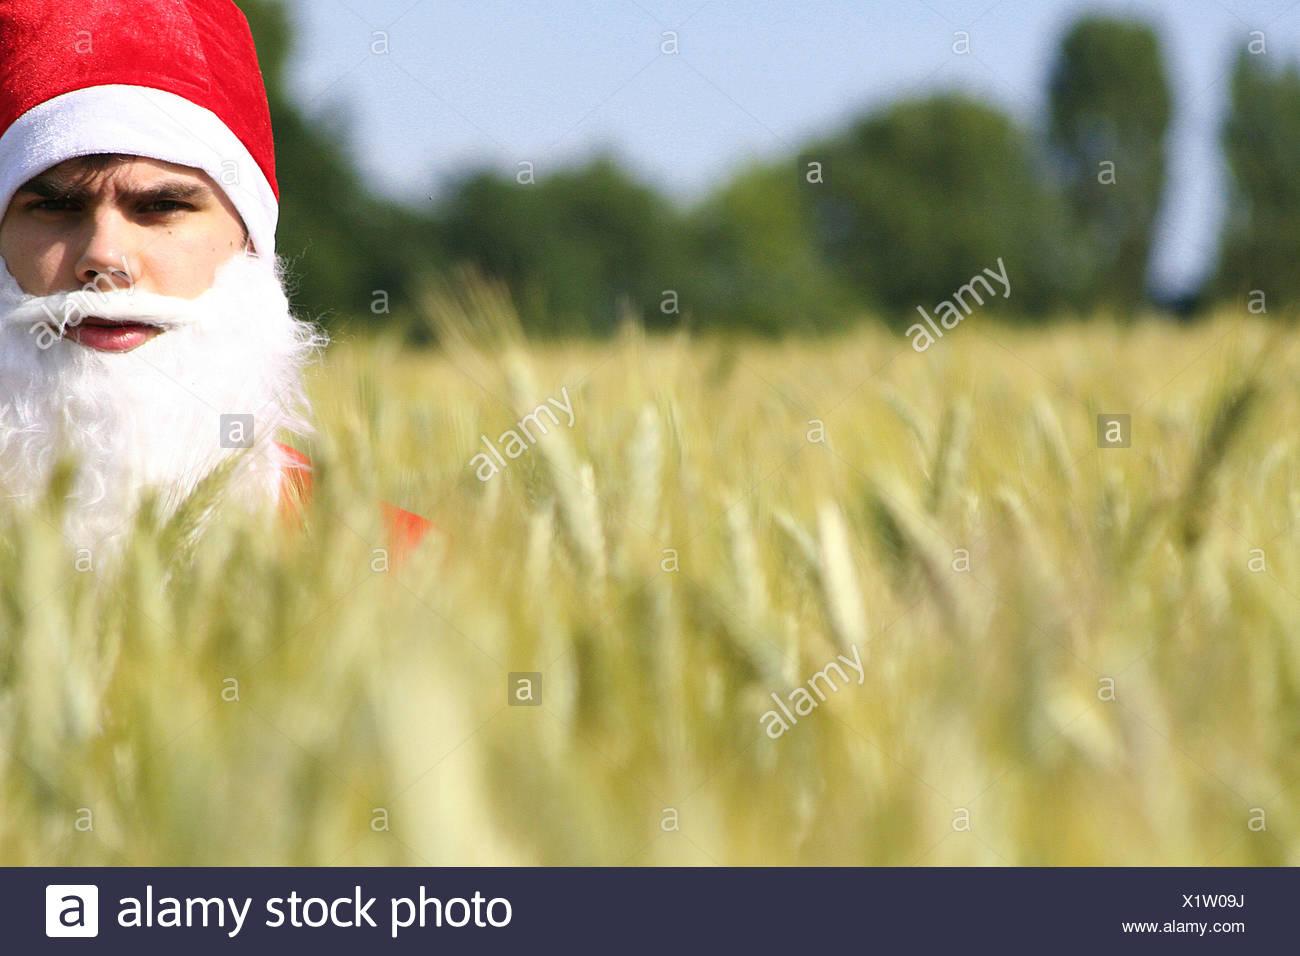 Kontraste, Weihnachtsmann, globale Erwärmung Stockbild